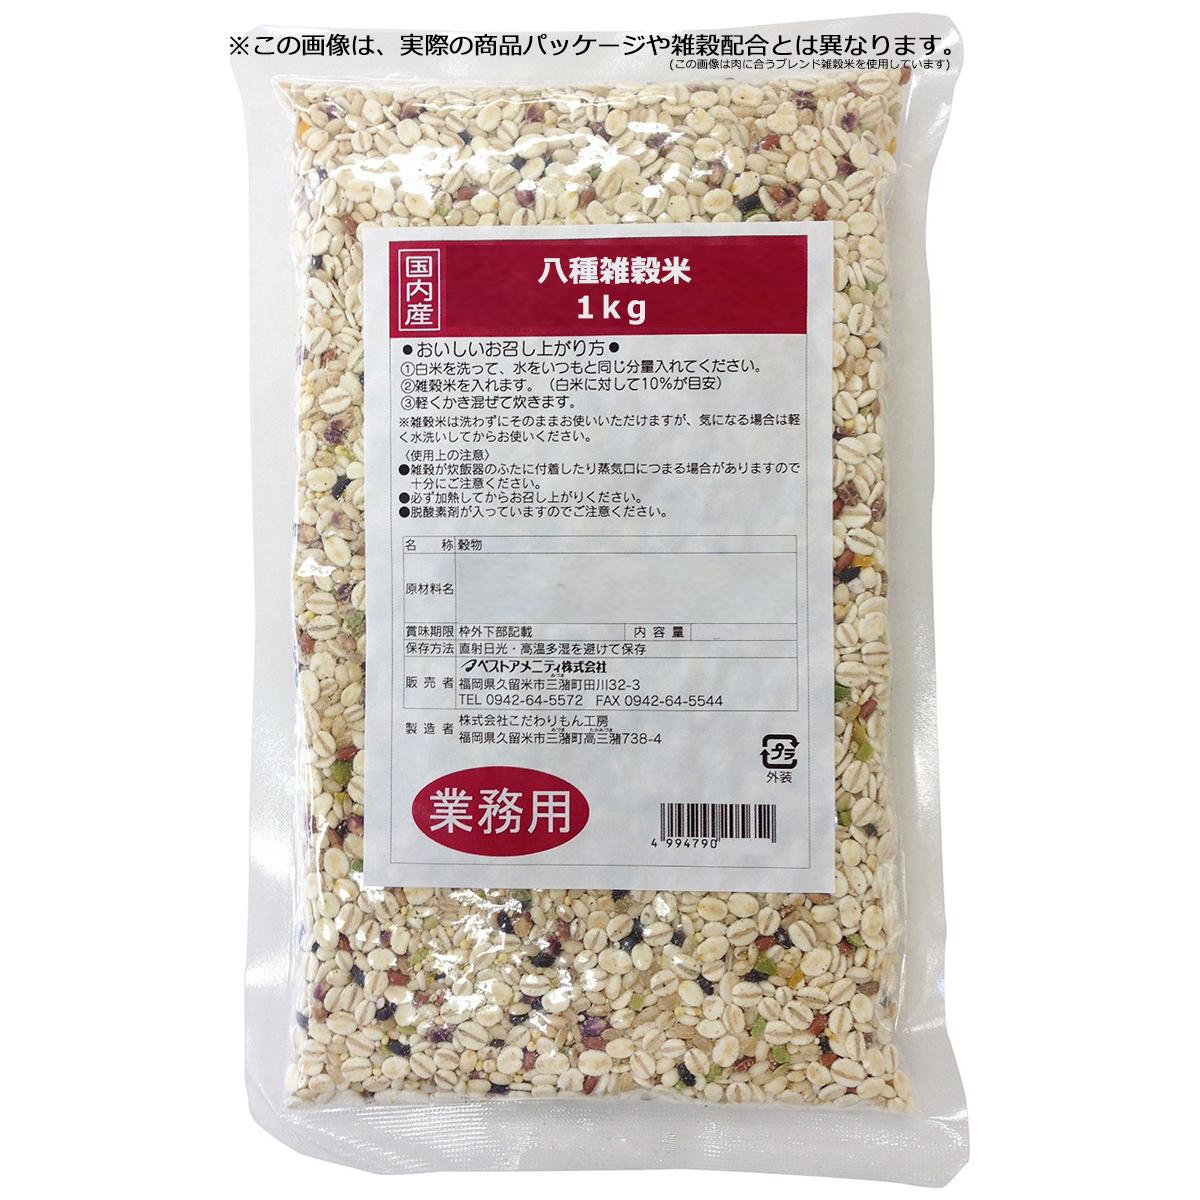 【本日ポイント5倍相当】ベストアメニティ株式会社 国内産 八種雑穀米〈業務用〉1kg×20個セット(ご注文後のキャンセルができません)【ドラッグピュア市場店】